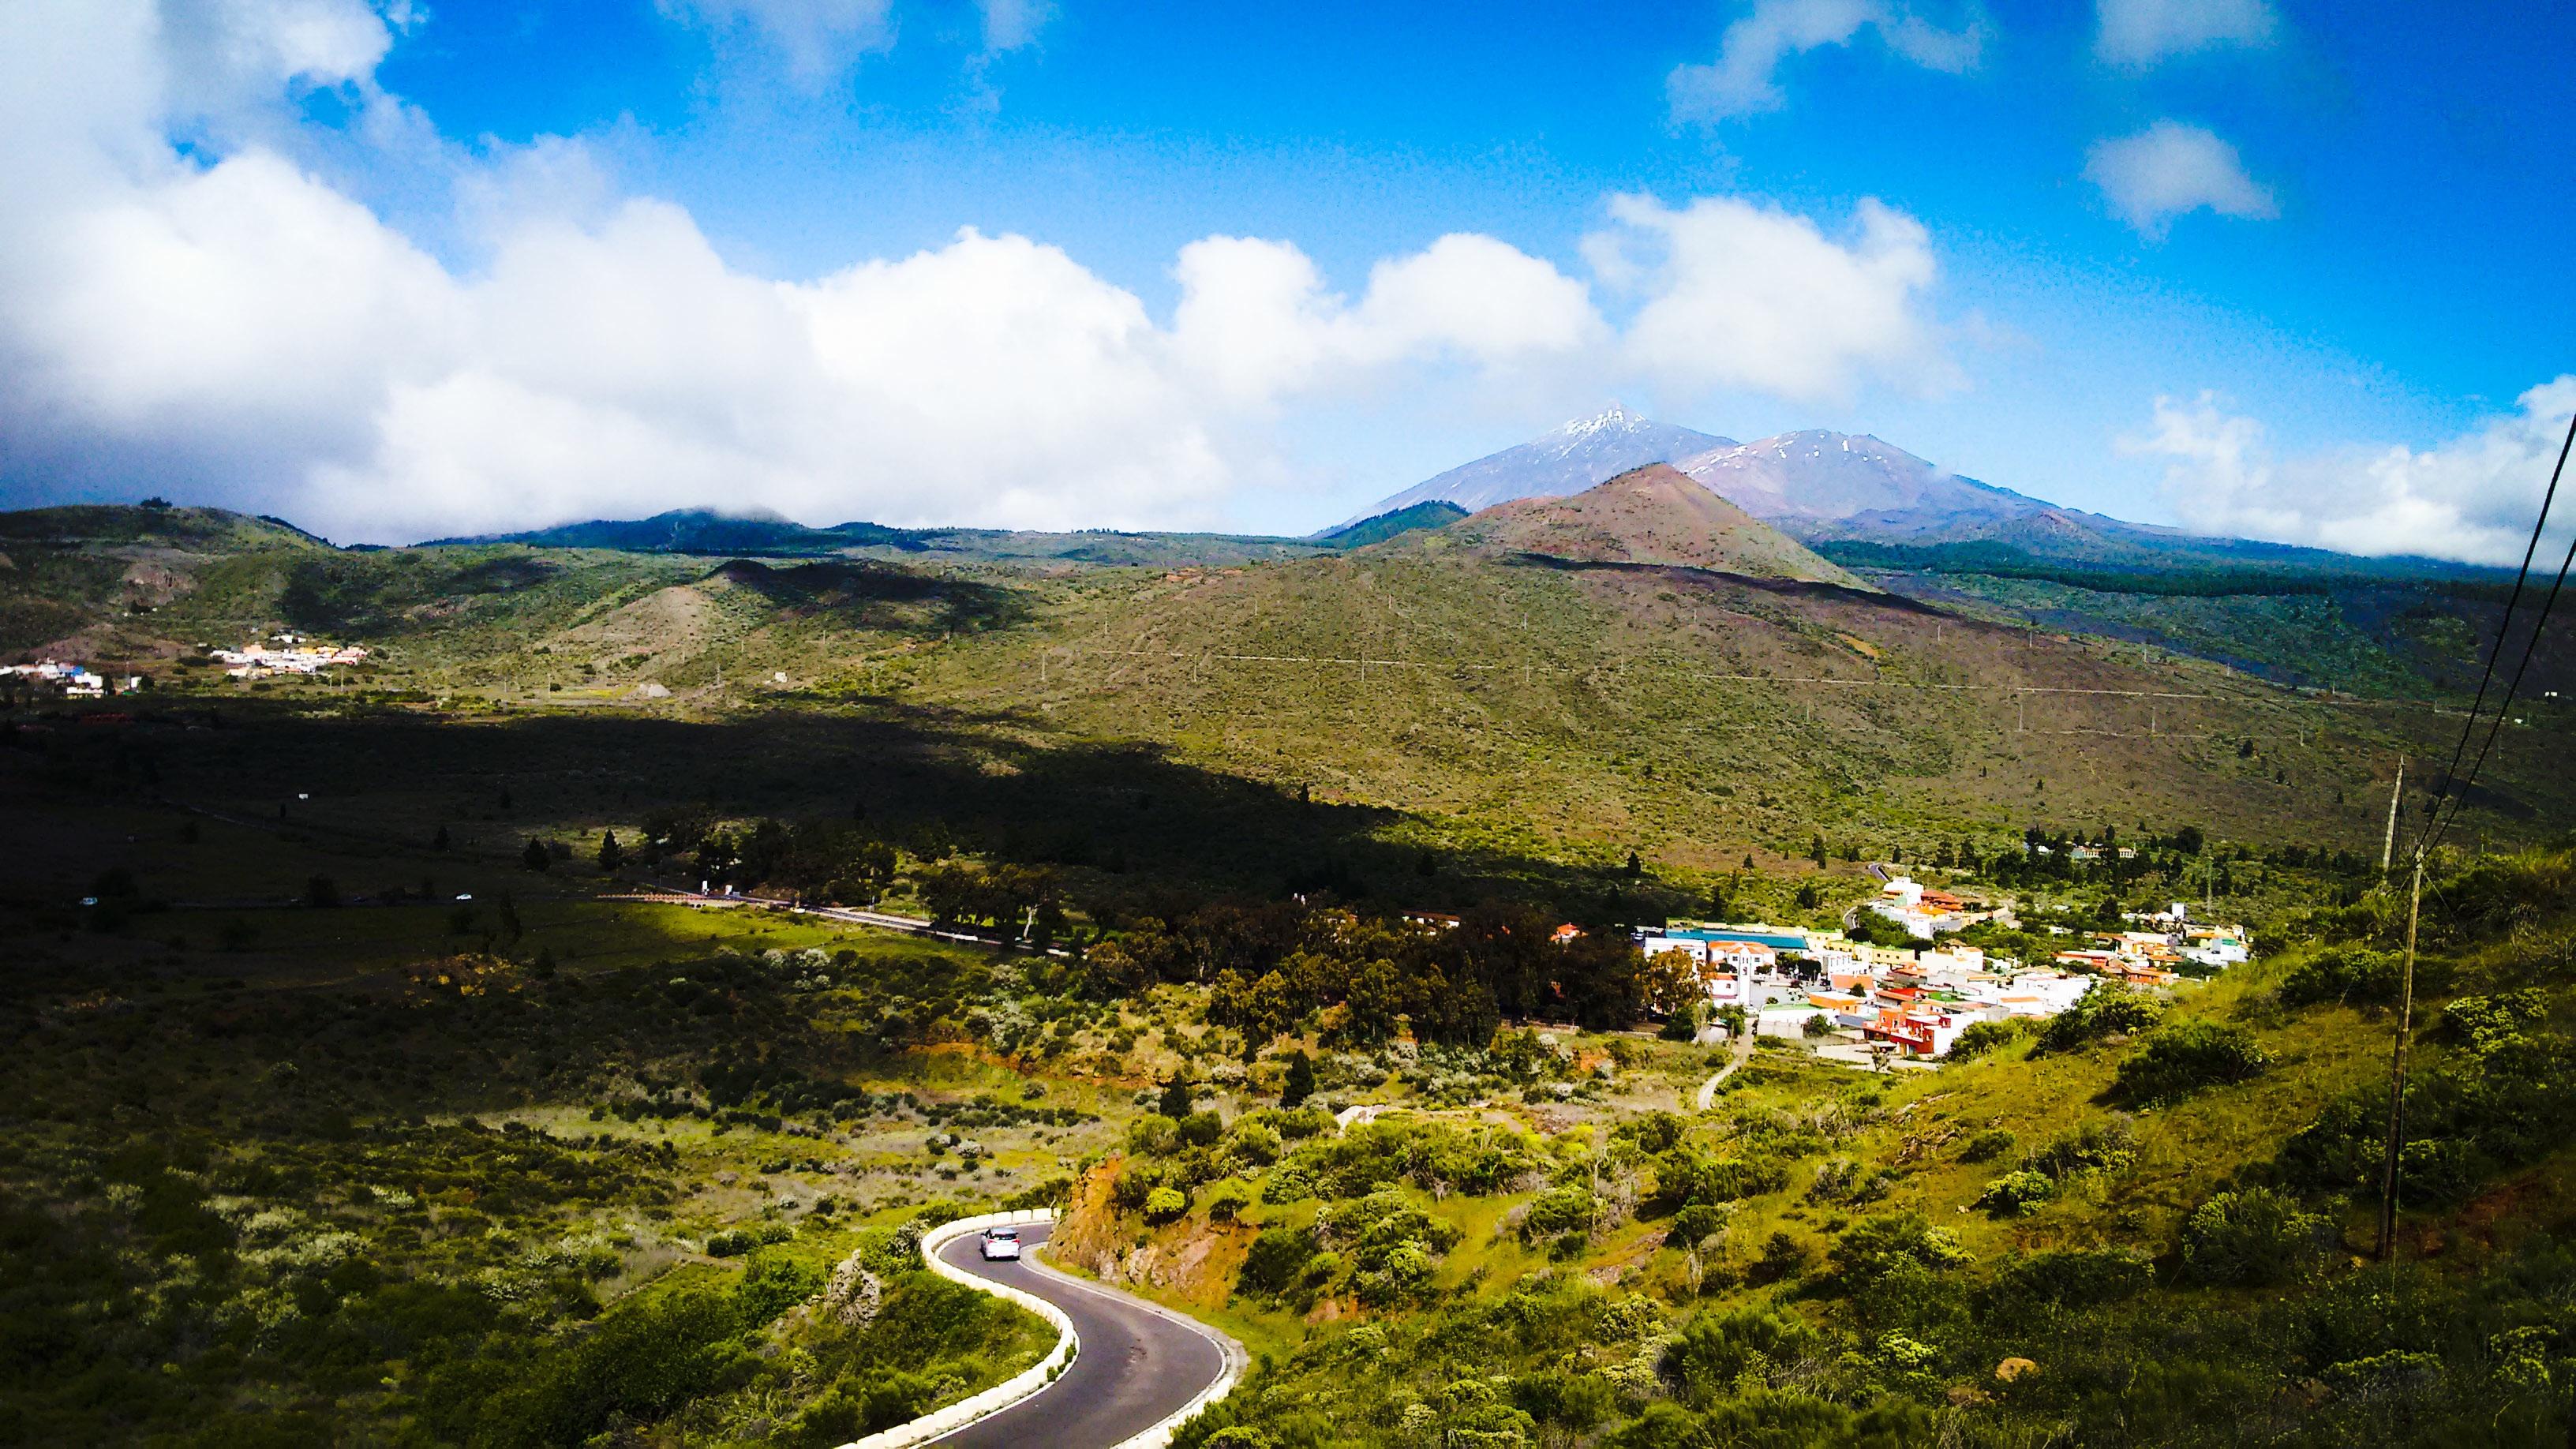 8200 pemandangan pantai dan gunung Gratis